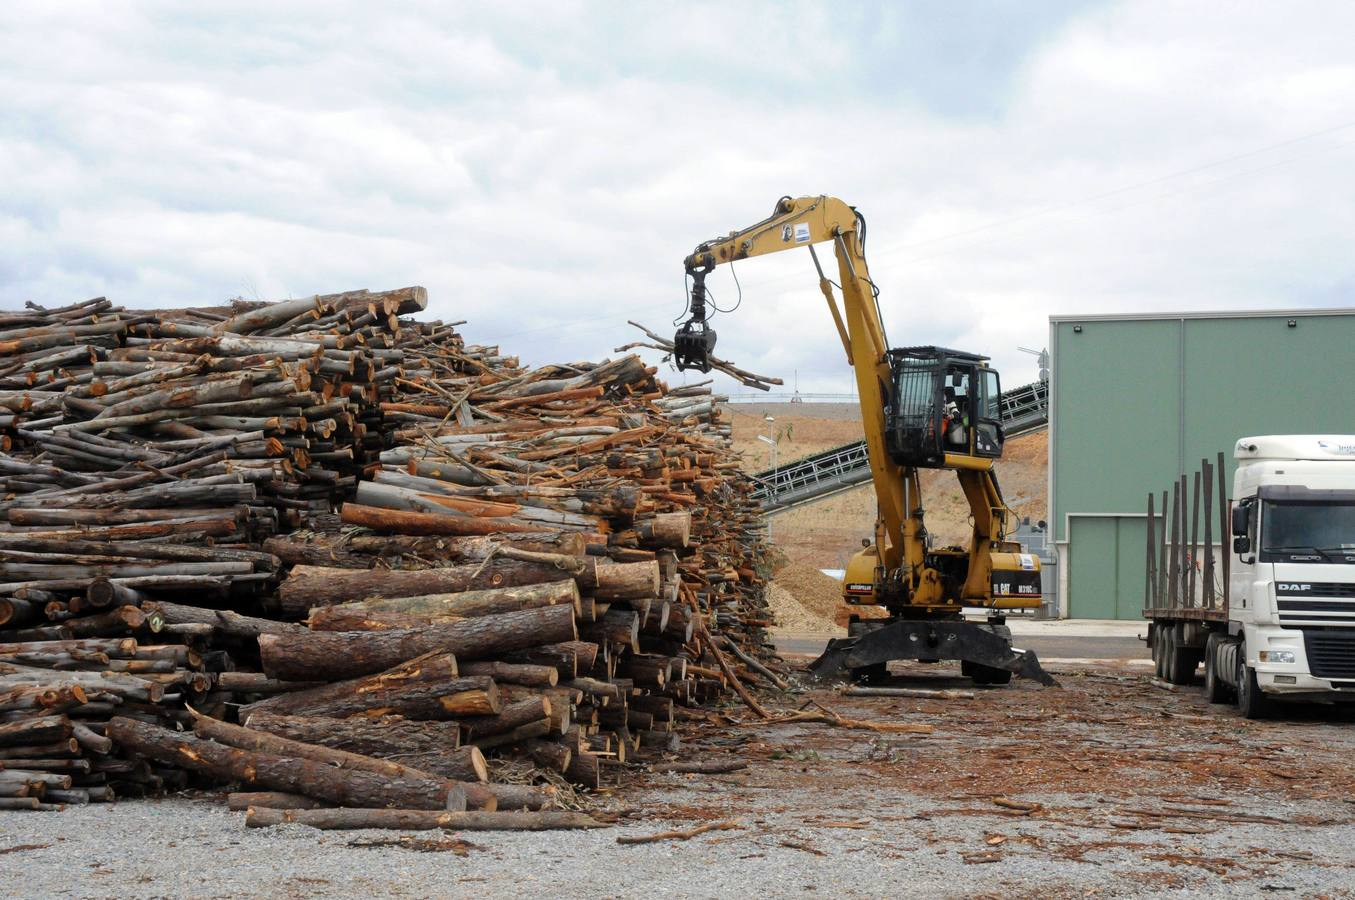 La Junta aprueba el proyecto de la planta de biomasa de Forestalia en Cubillos con 200 empleos